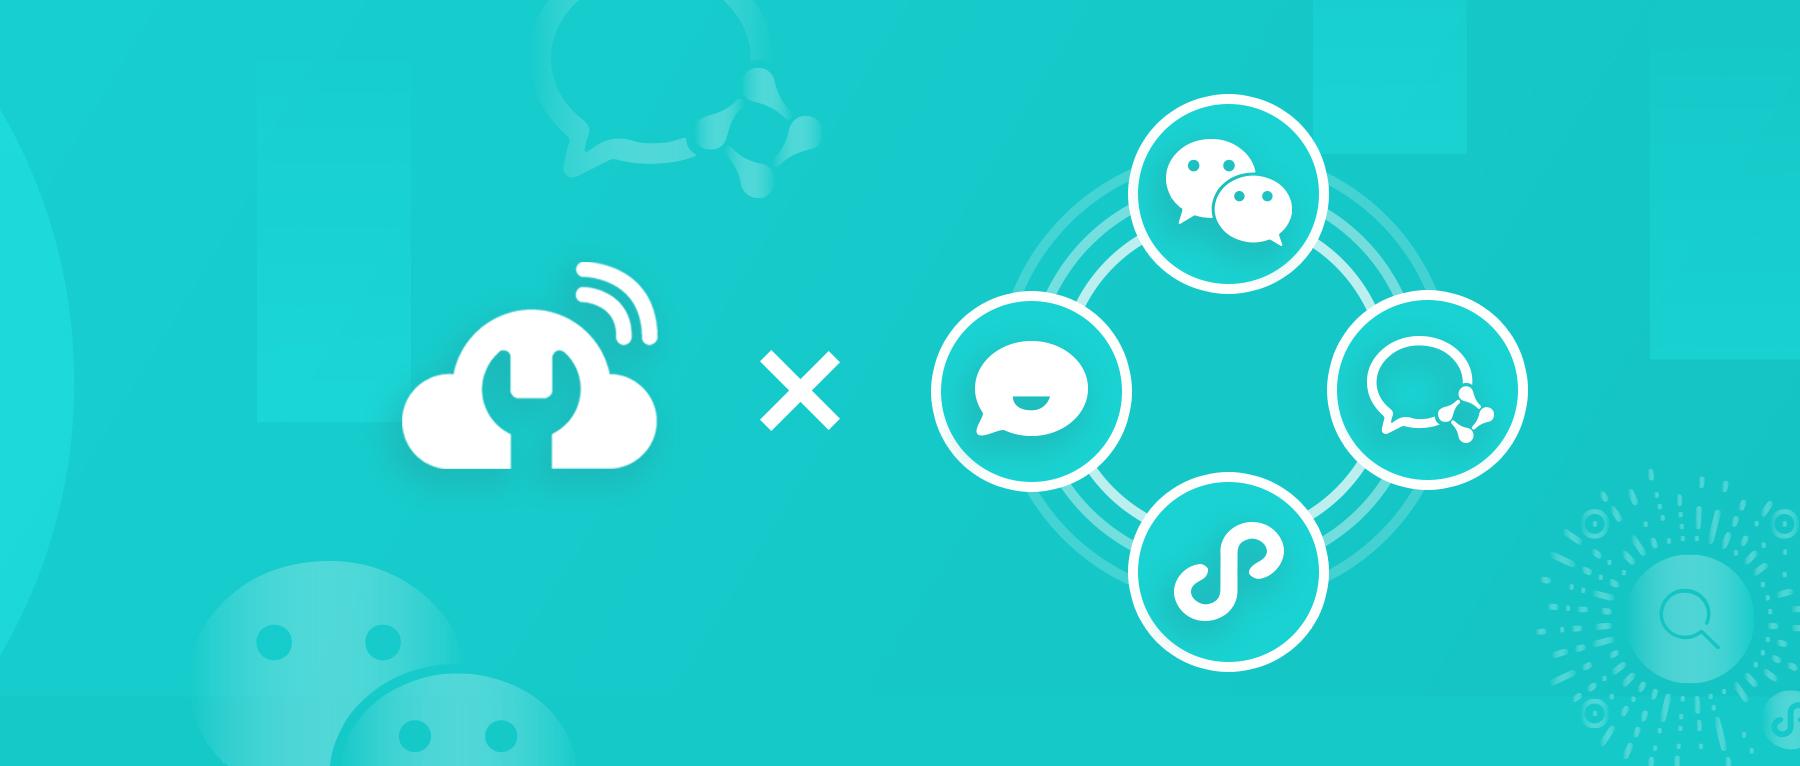 引爆12亿私域流量,「售后宝」协同「微信客服」提升客户精细化运营与转化